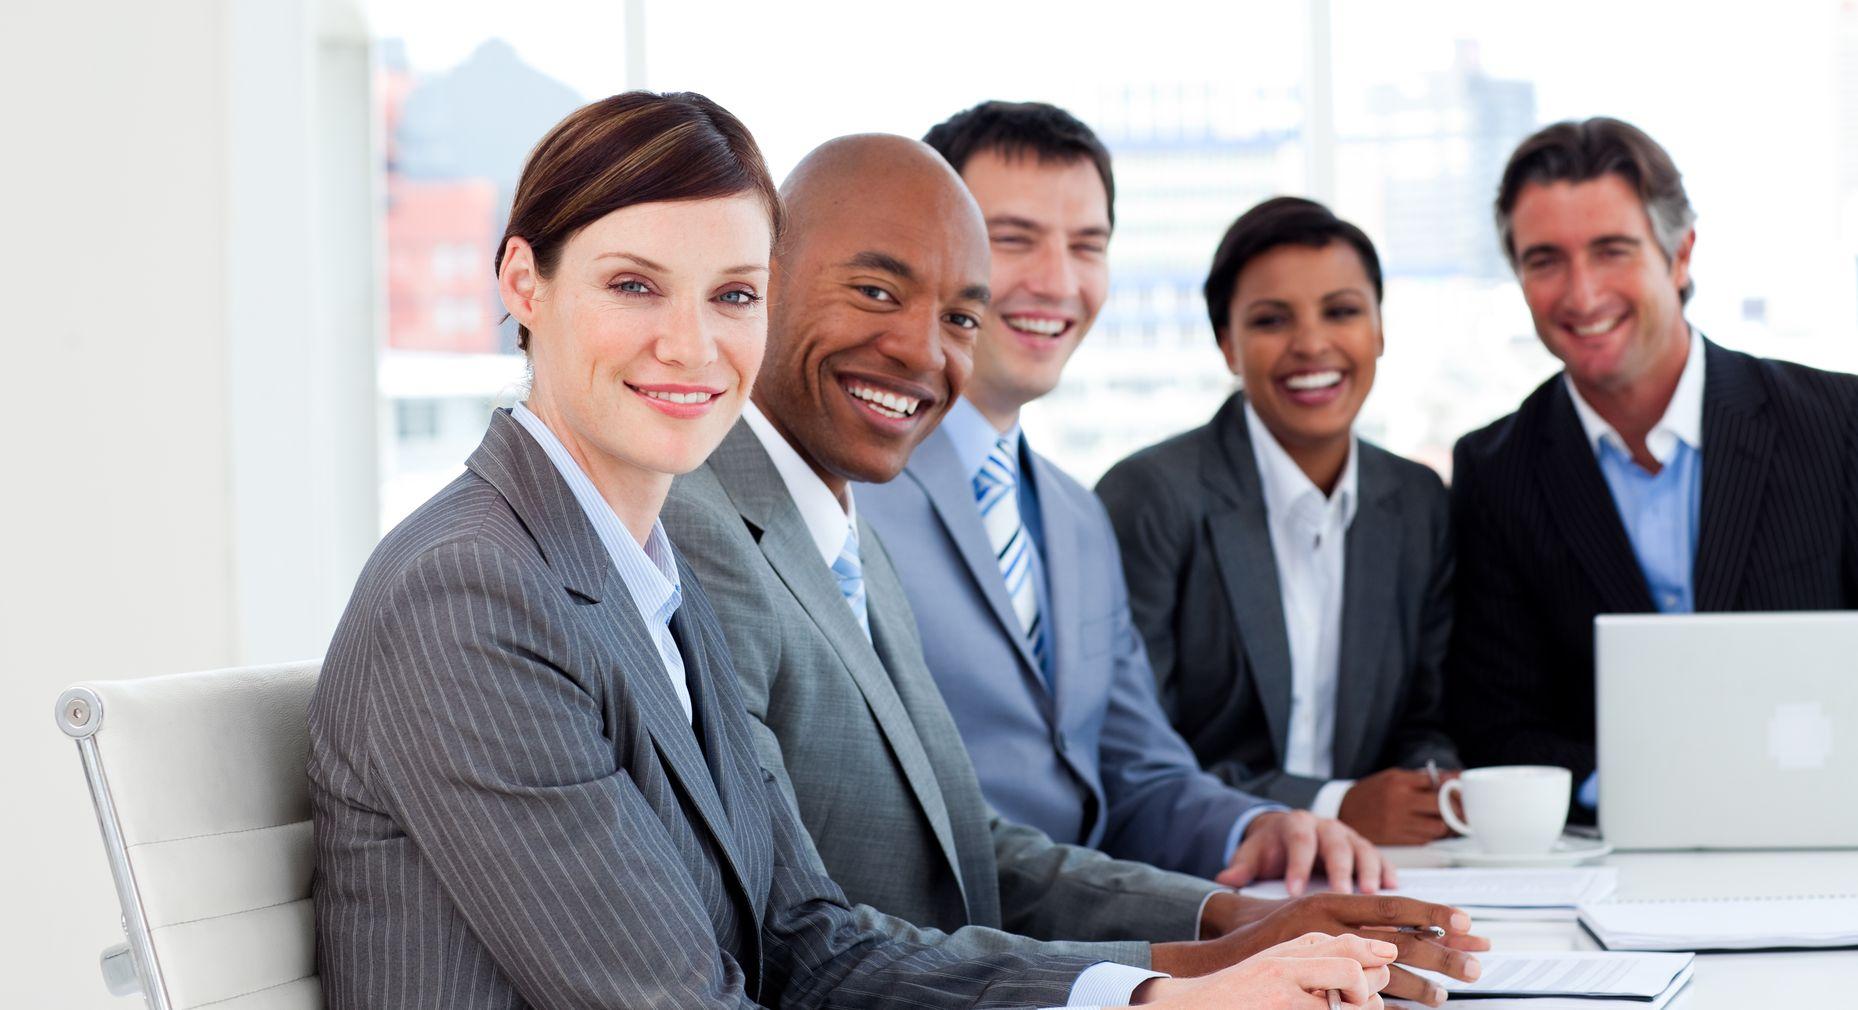 Business People.jpg